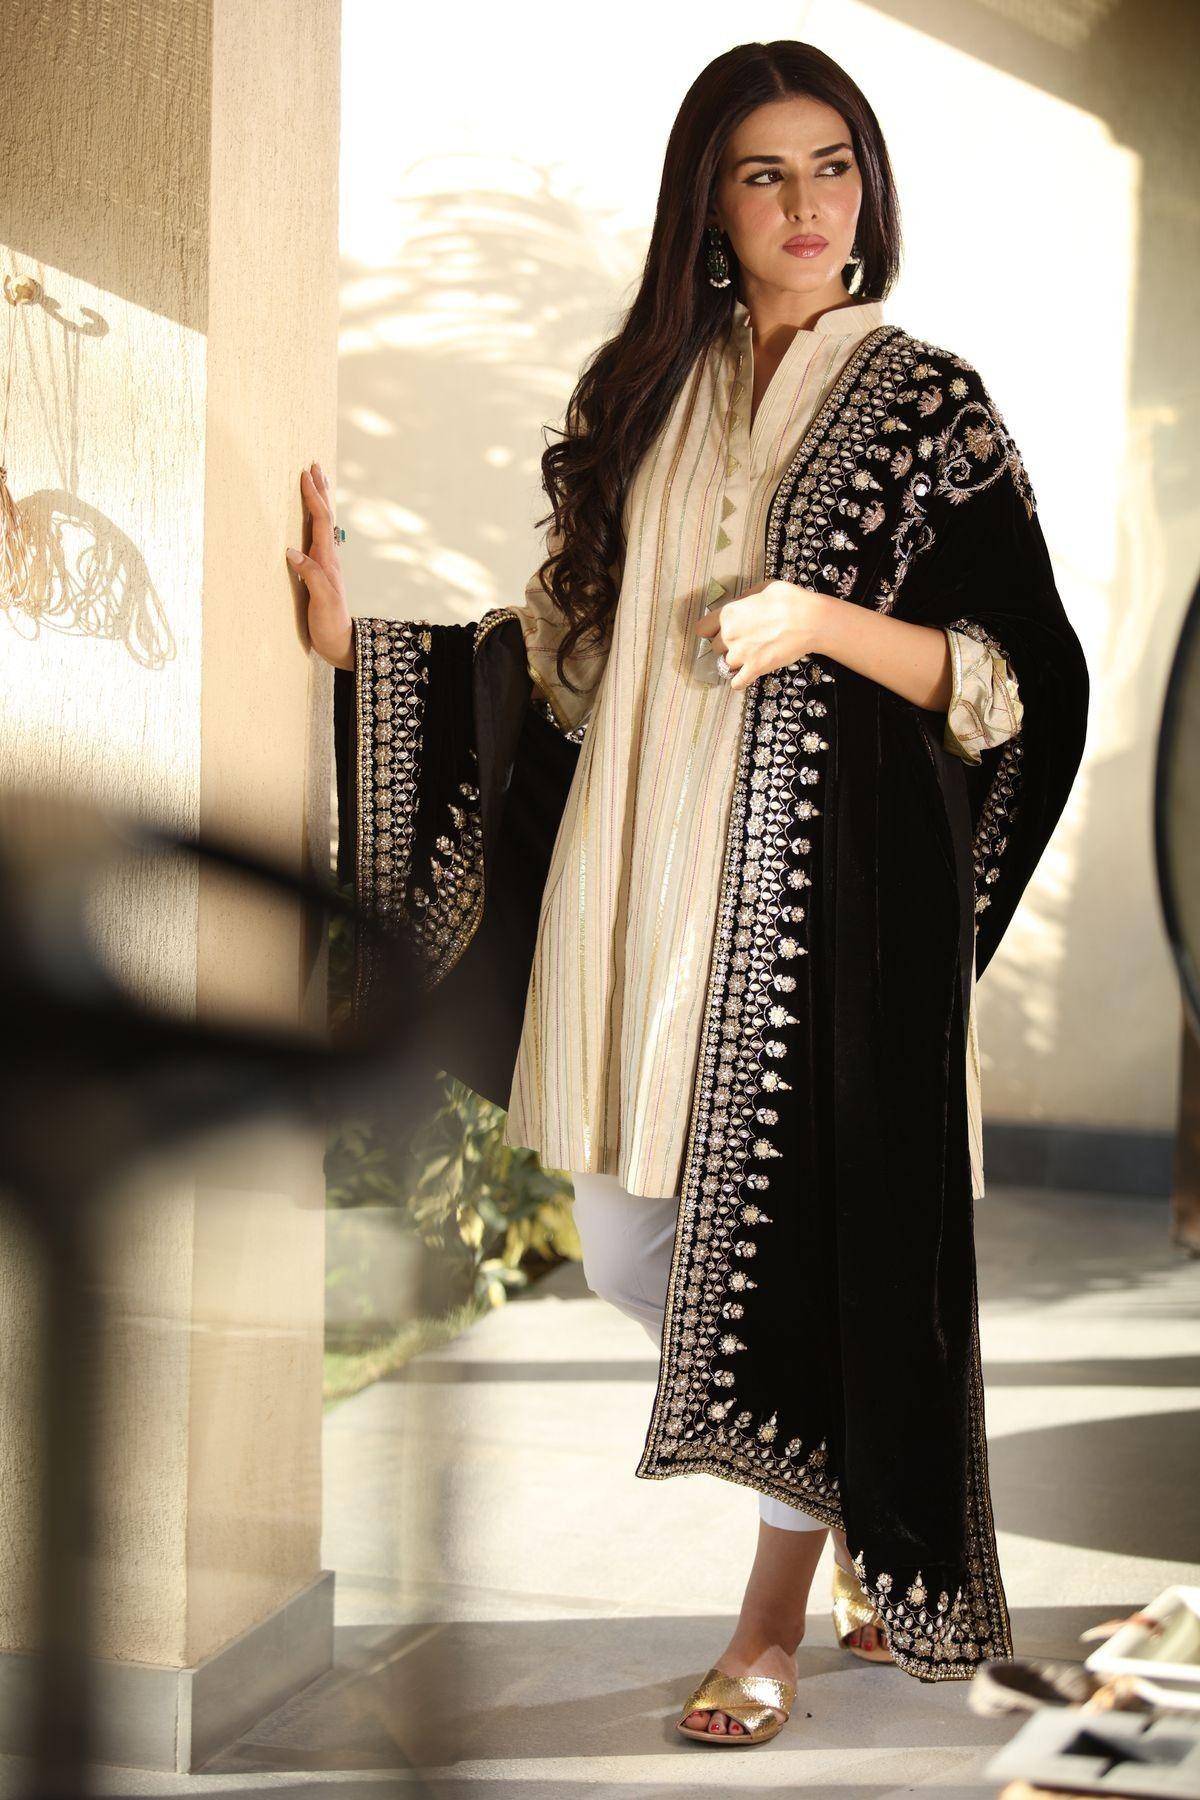 Pin by Suman Zulfiqar on Trend Pakistani wedding outfits